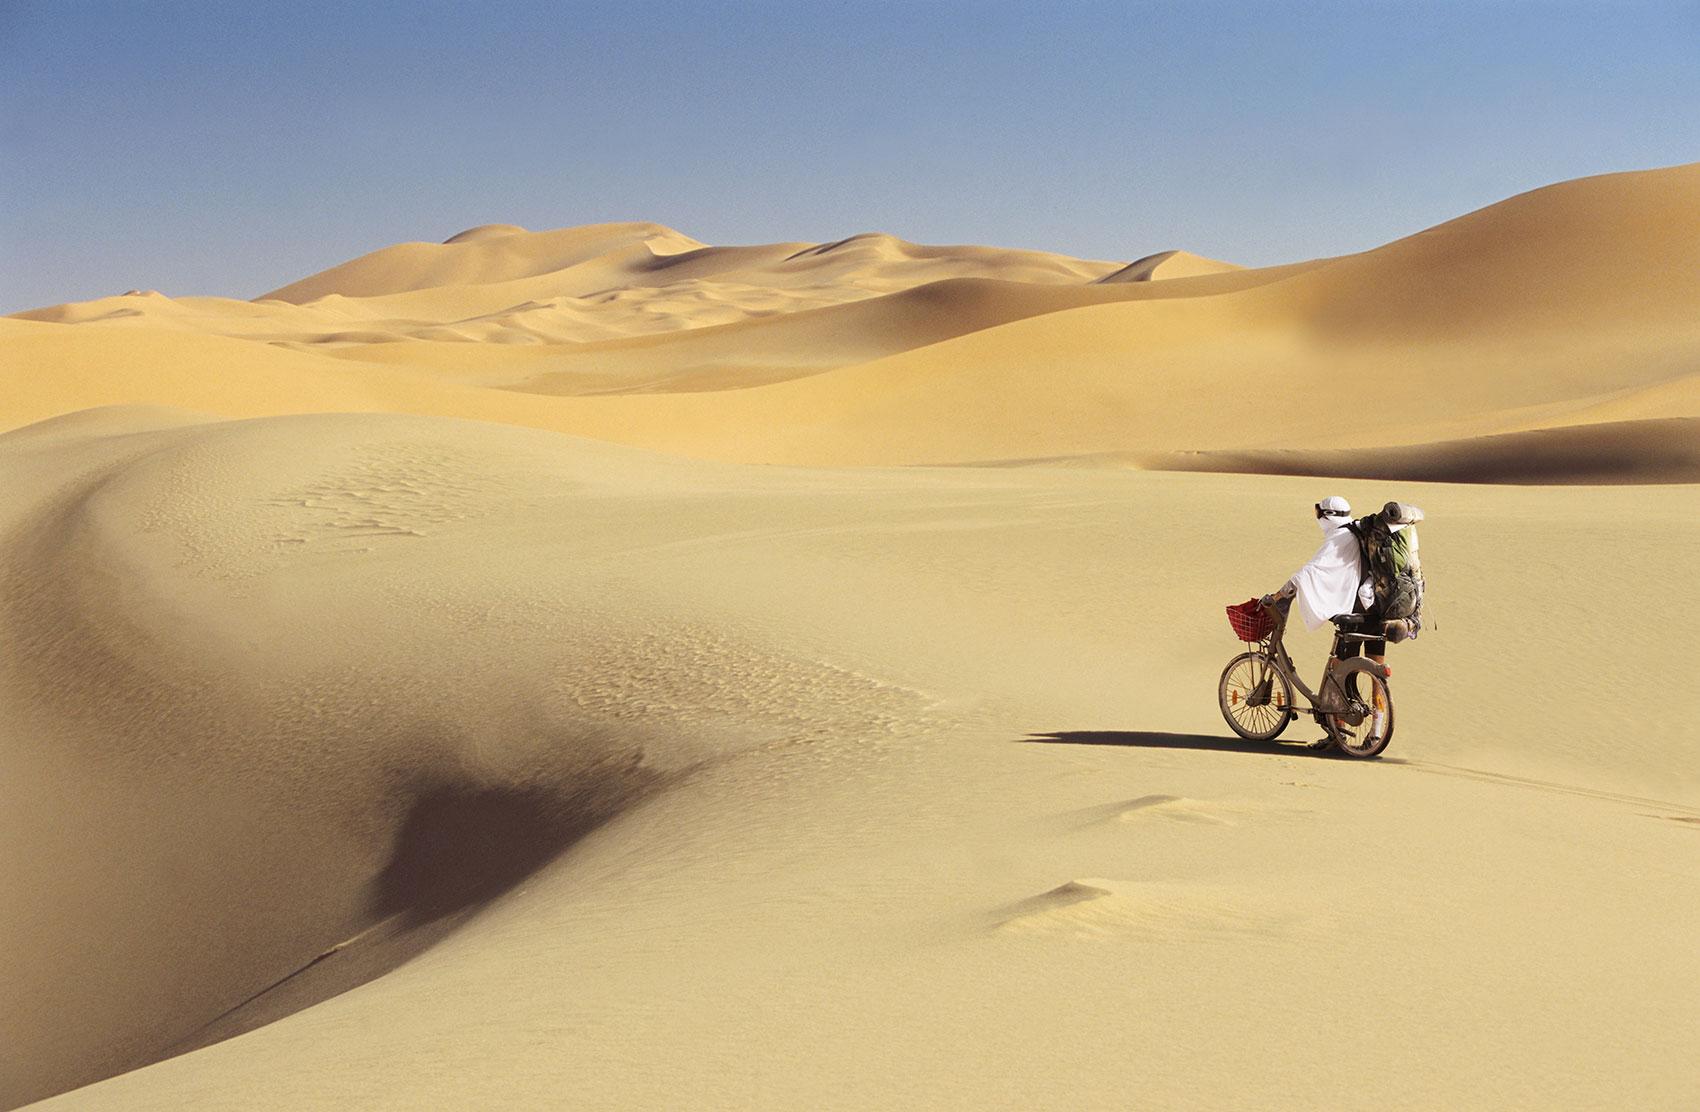 aurelien-dupuis-tour-du-monde-velib-libye